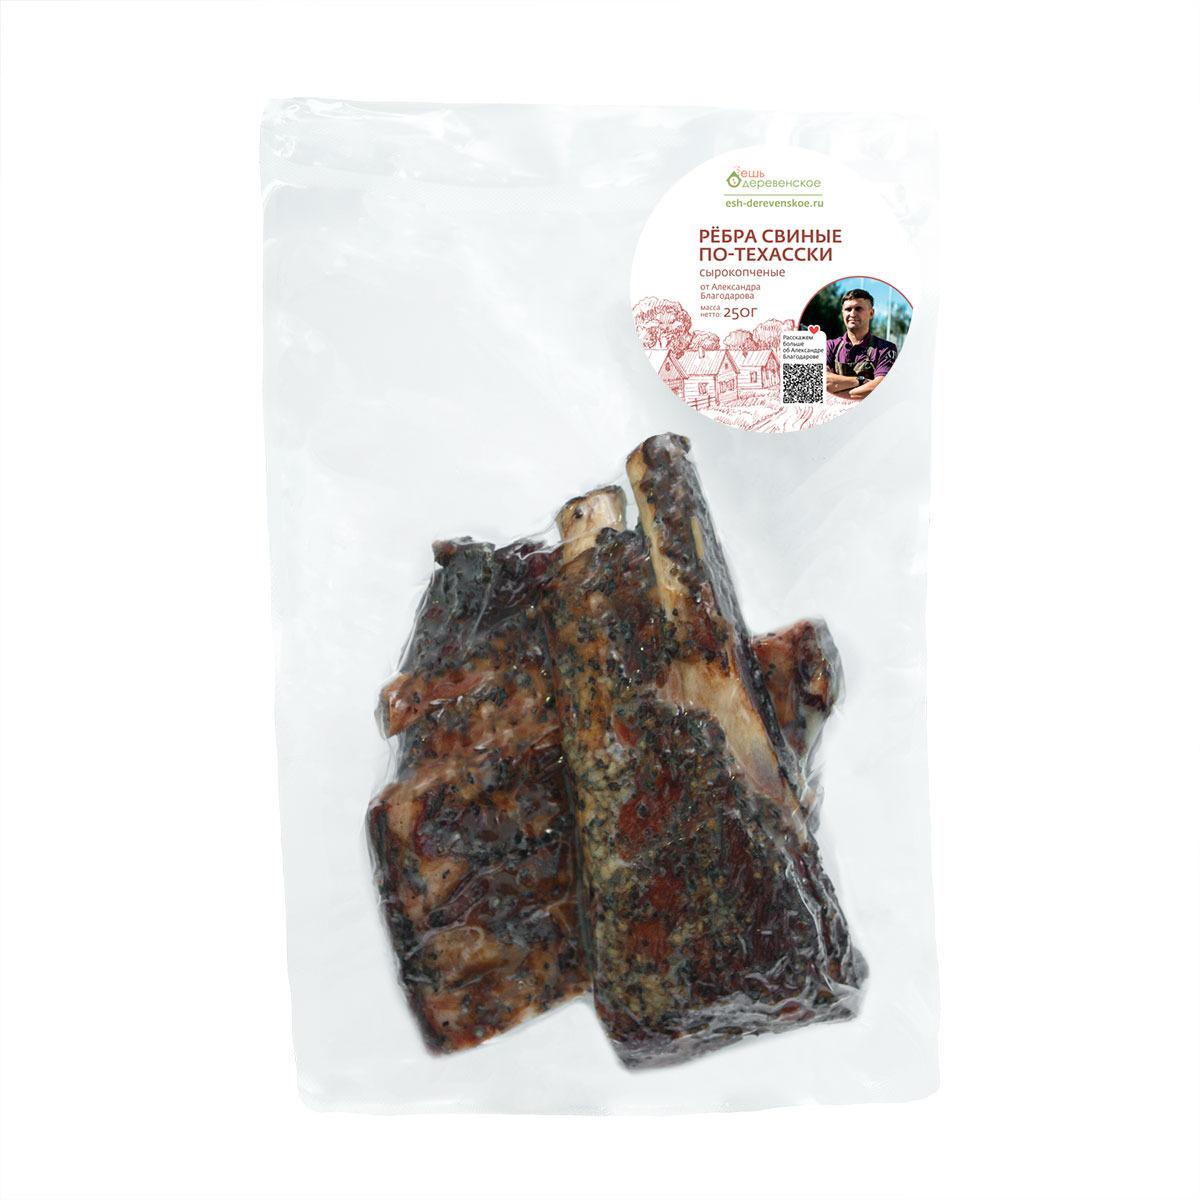 Рёбра свиные по-техасски Ешь Деревенское, сырокопченые, 250 г